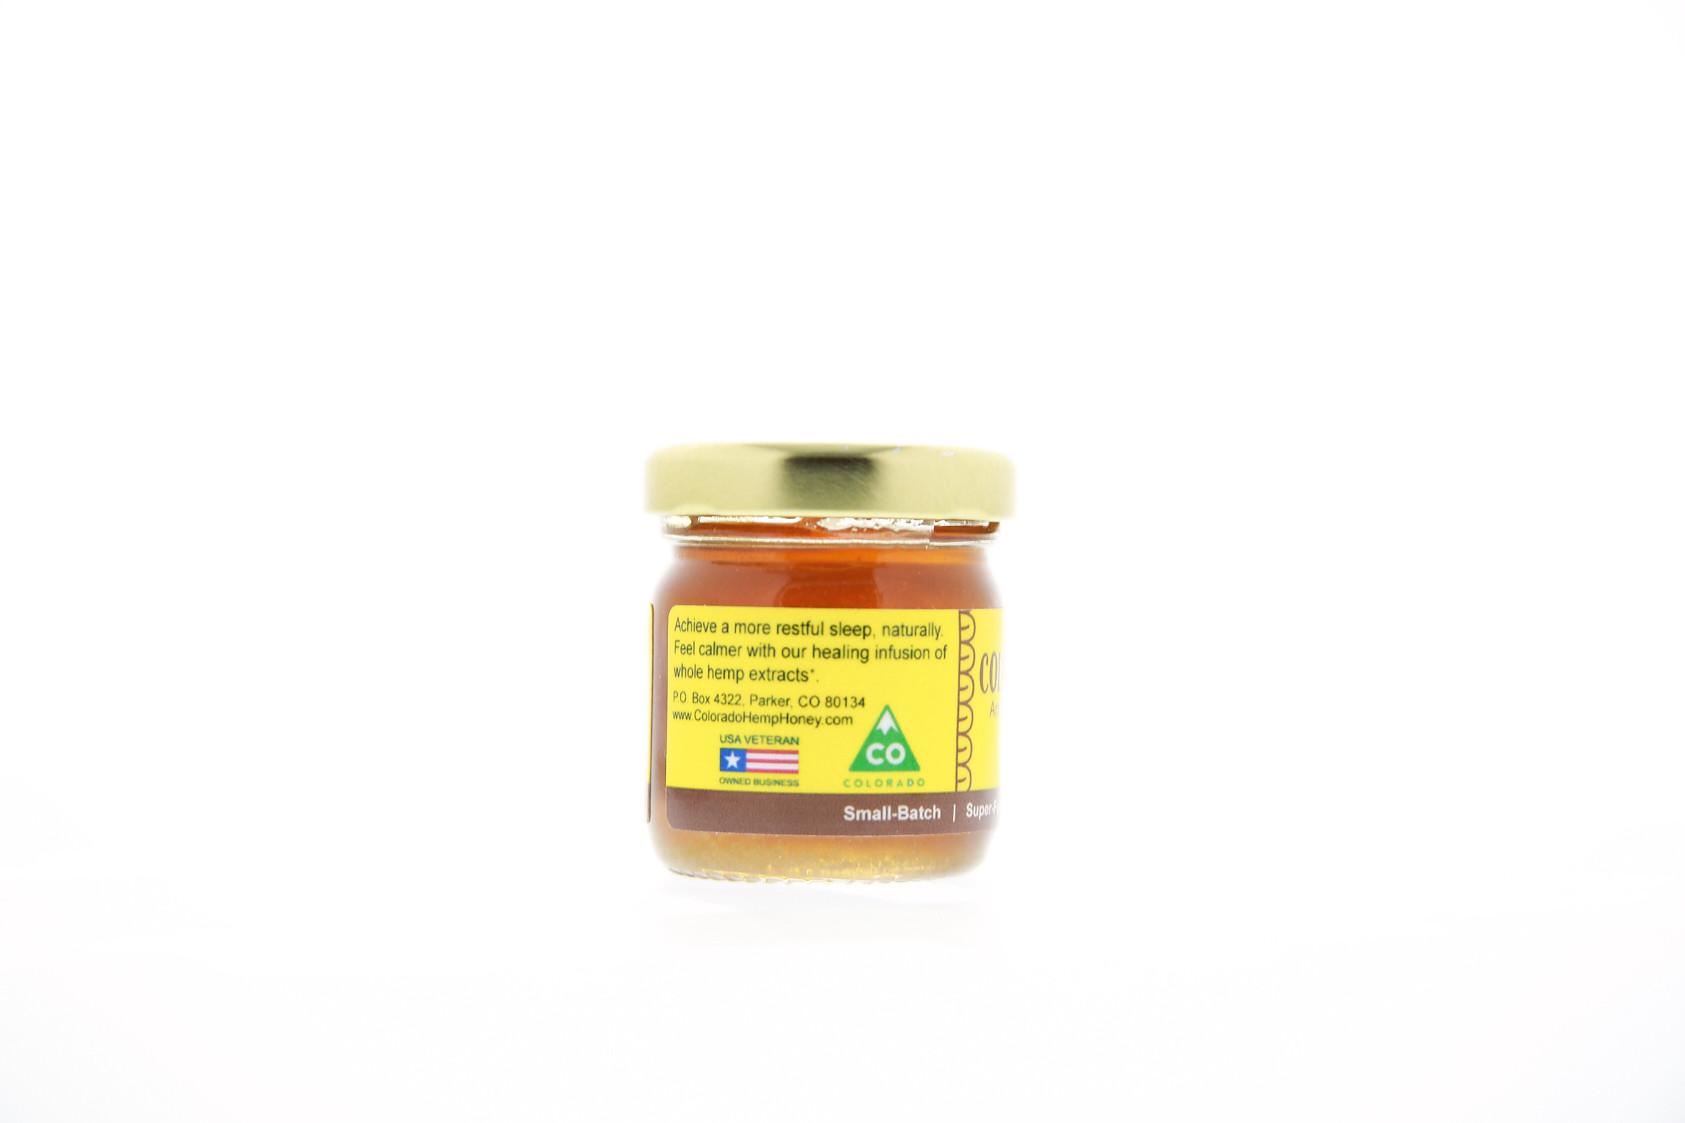 Colorado Hemp Honey Natural Honey